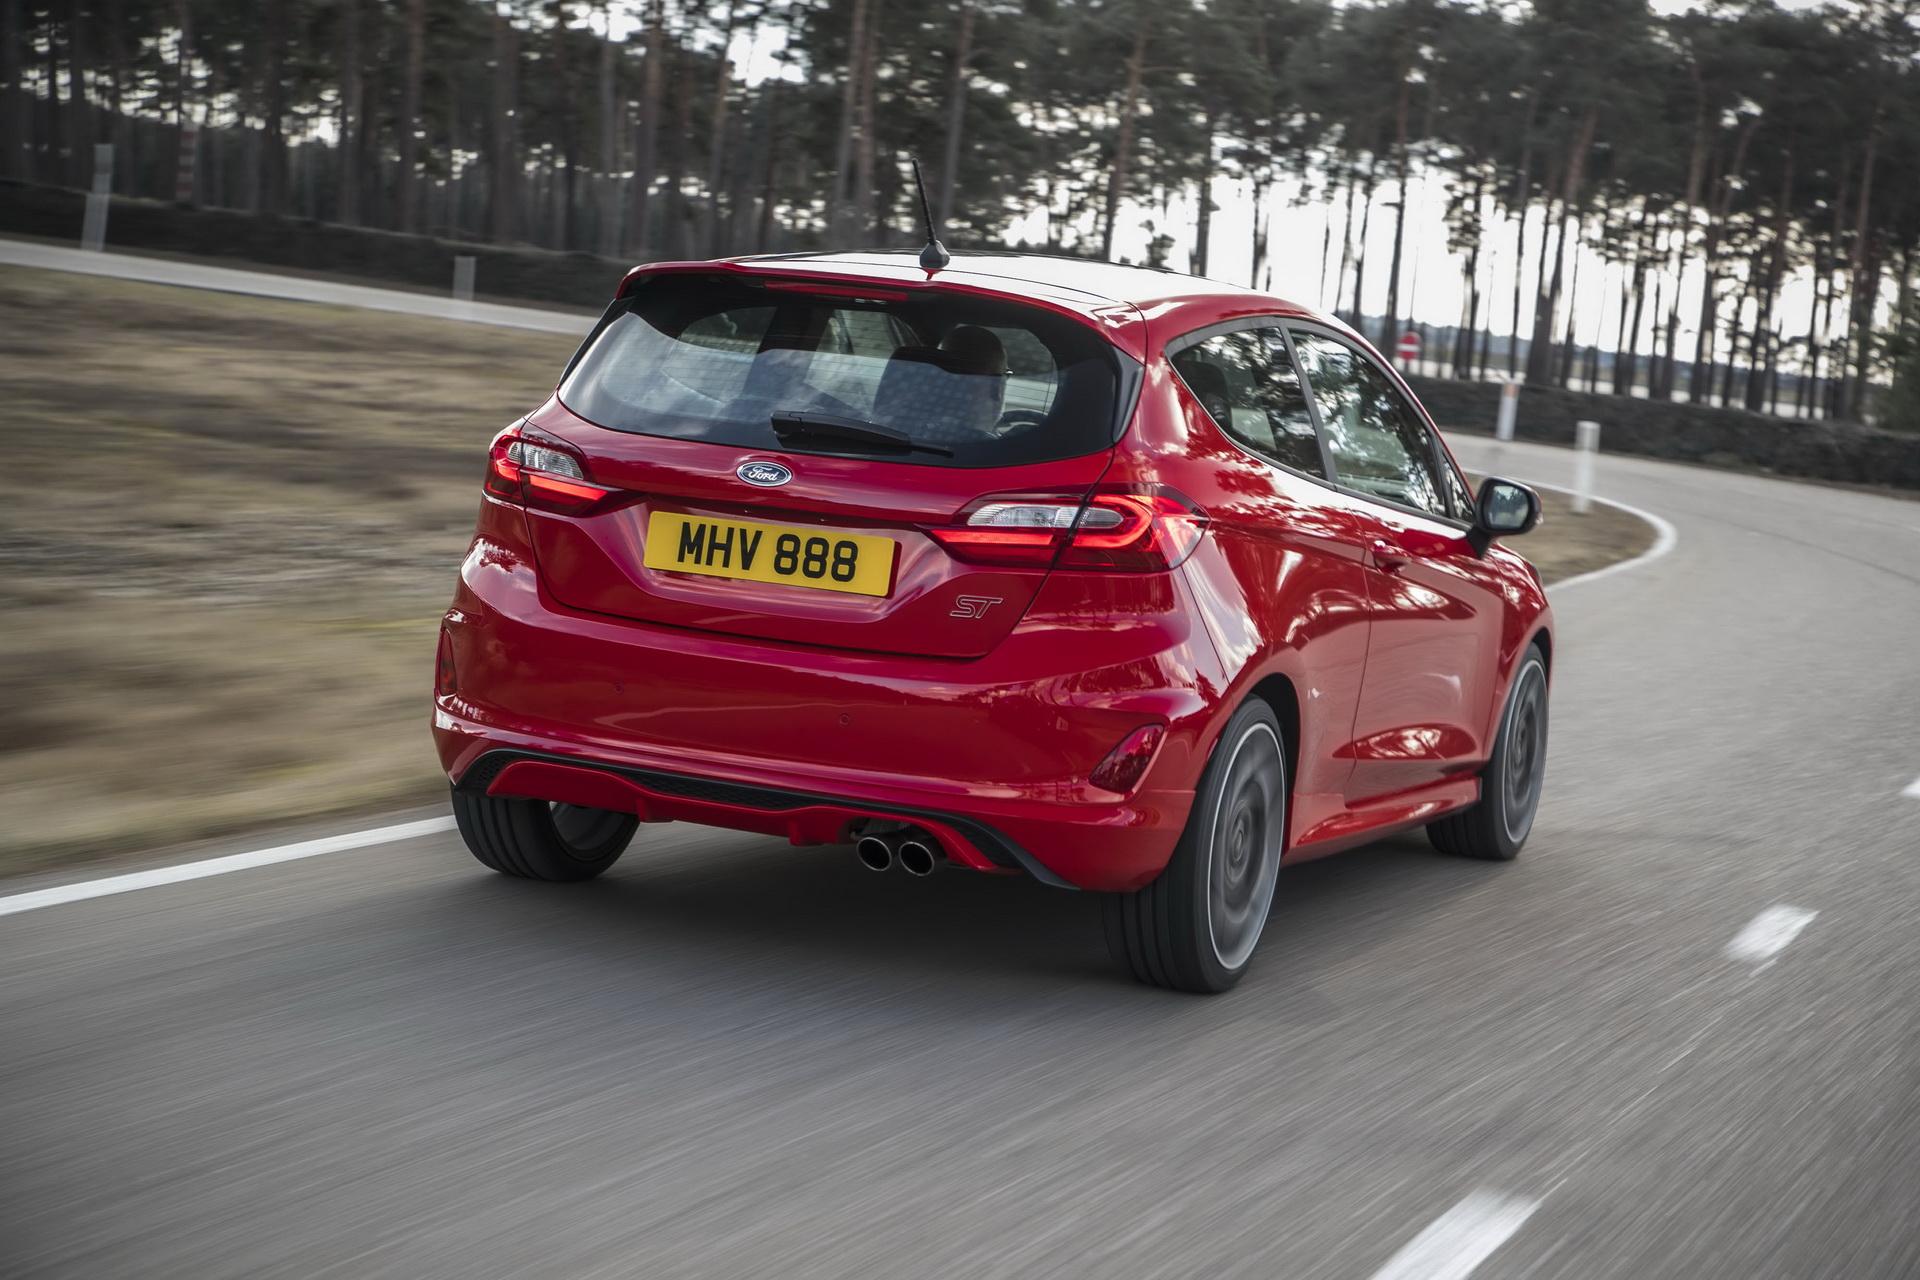 ¡Sorpresa! El Ford Fiesta ST 2018 puede montar diferencial autoblocante mecánico